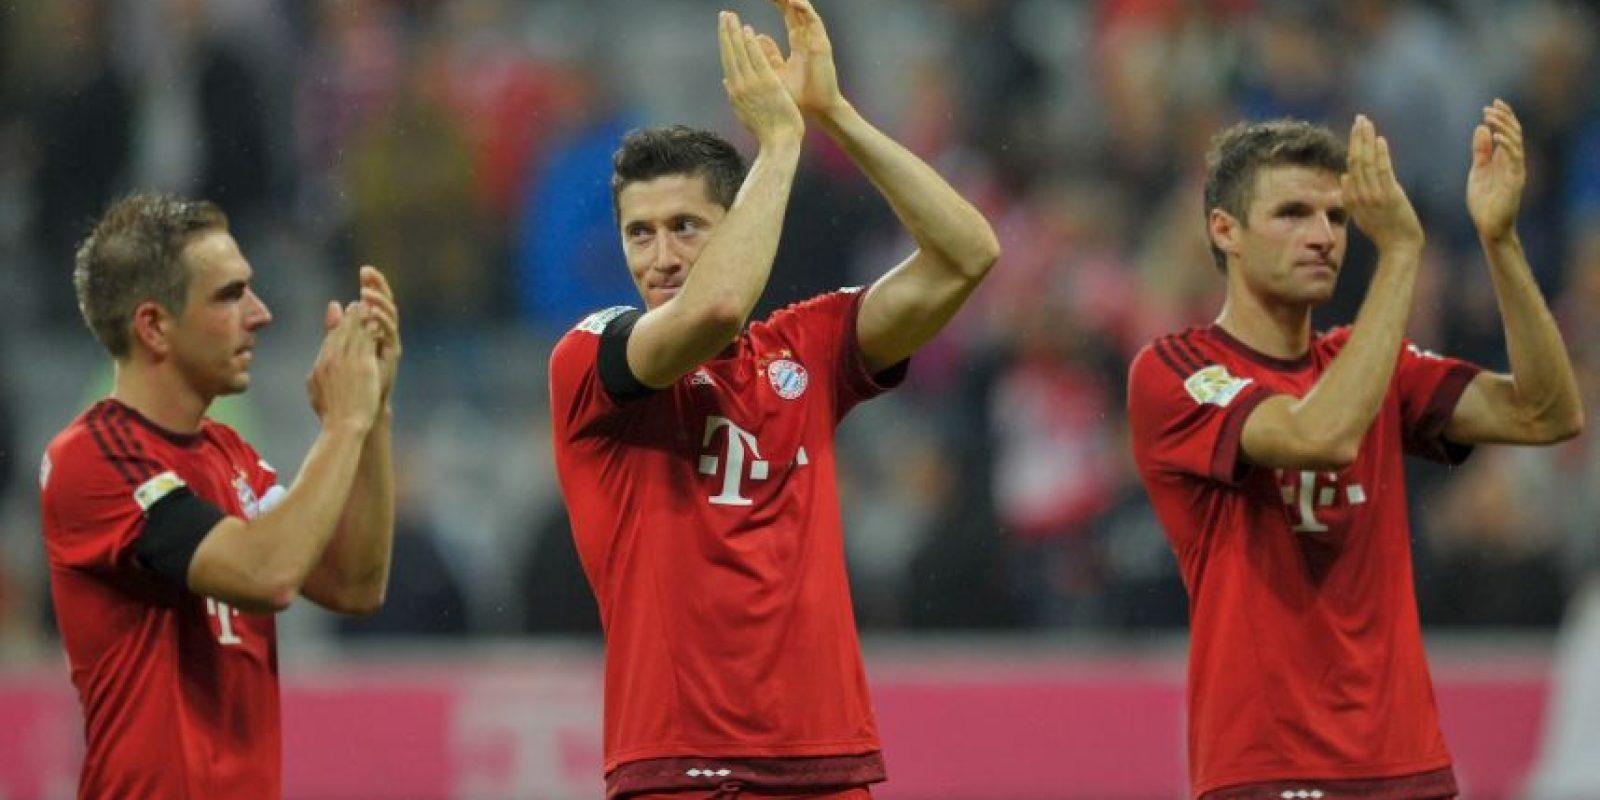 Hizo el hat trick más rápido de la Bundesliga en cuatro minutos Foto:Getty Images